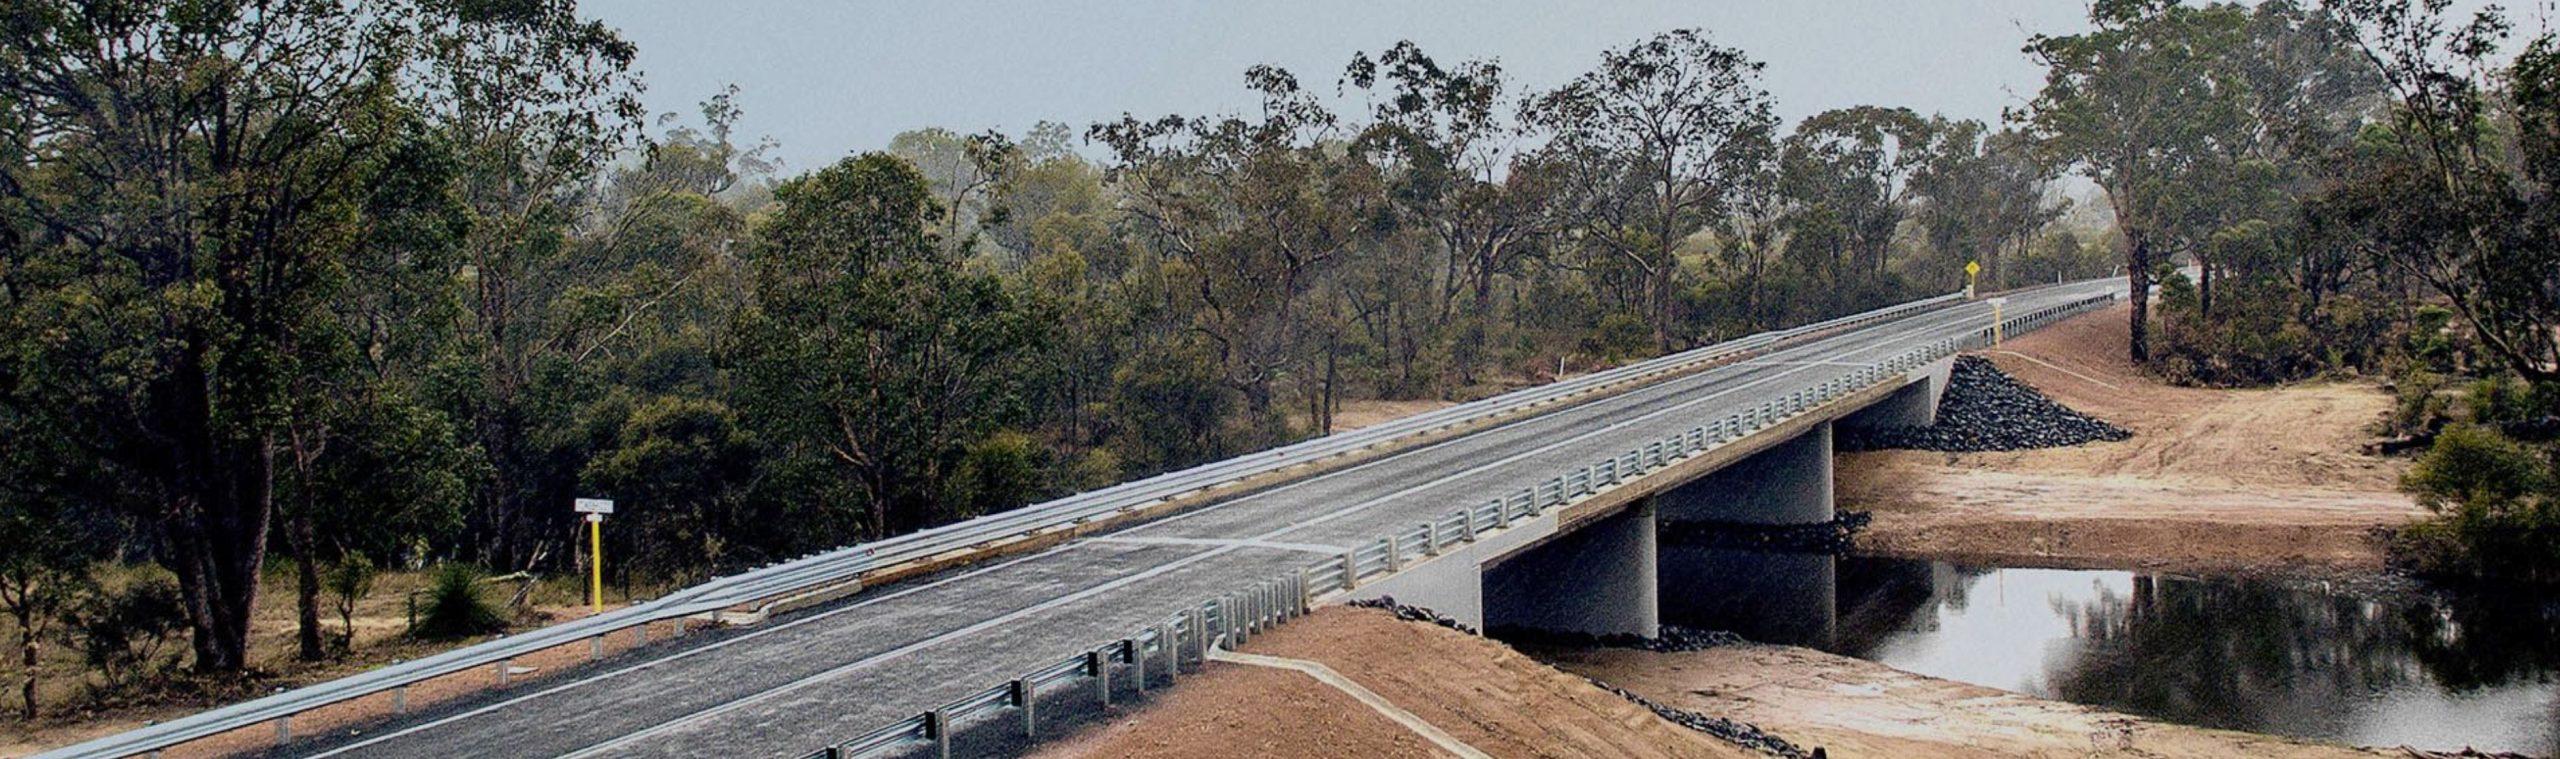 The new Tone River Bridge and road design